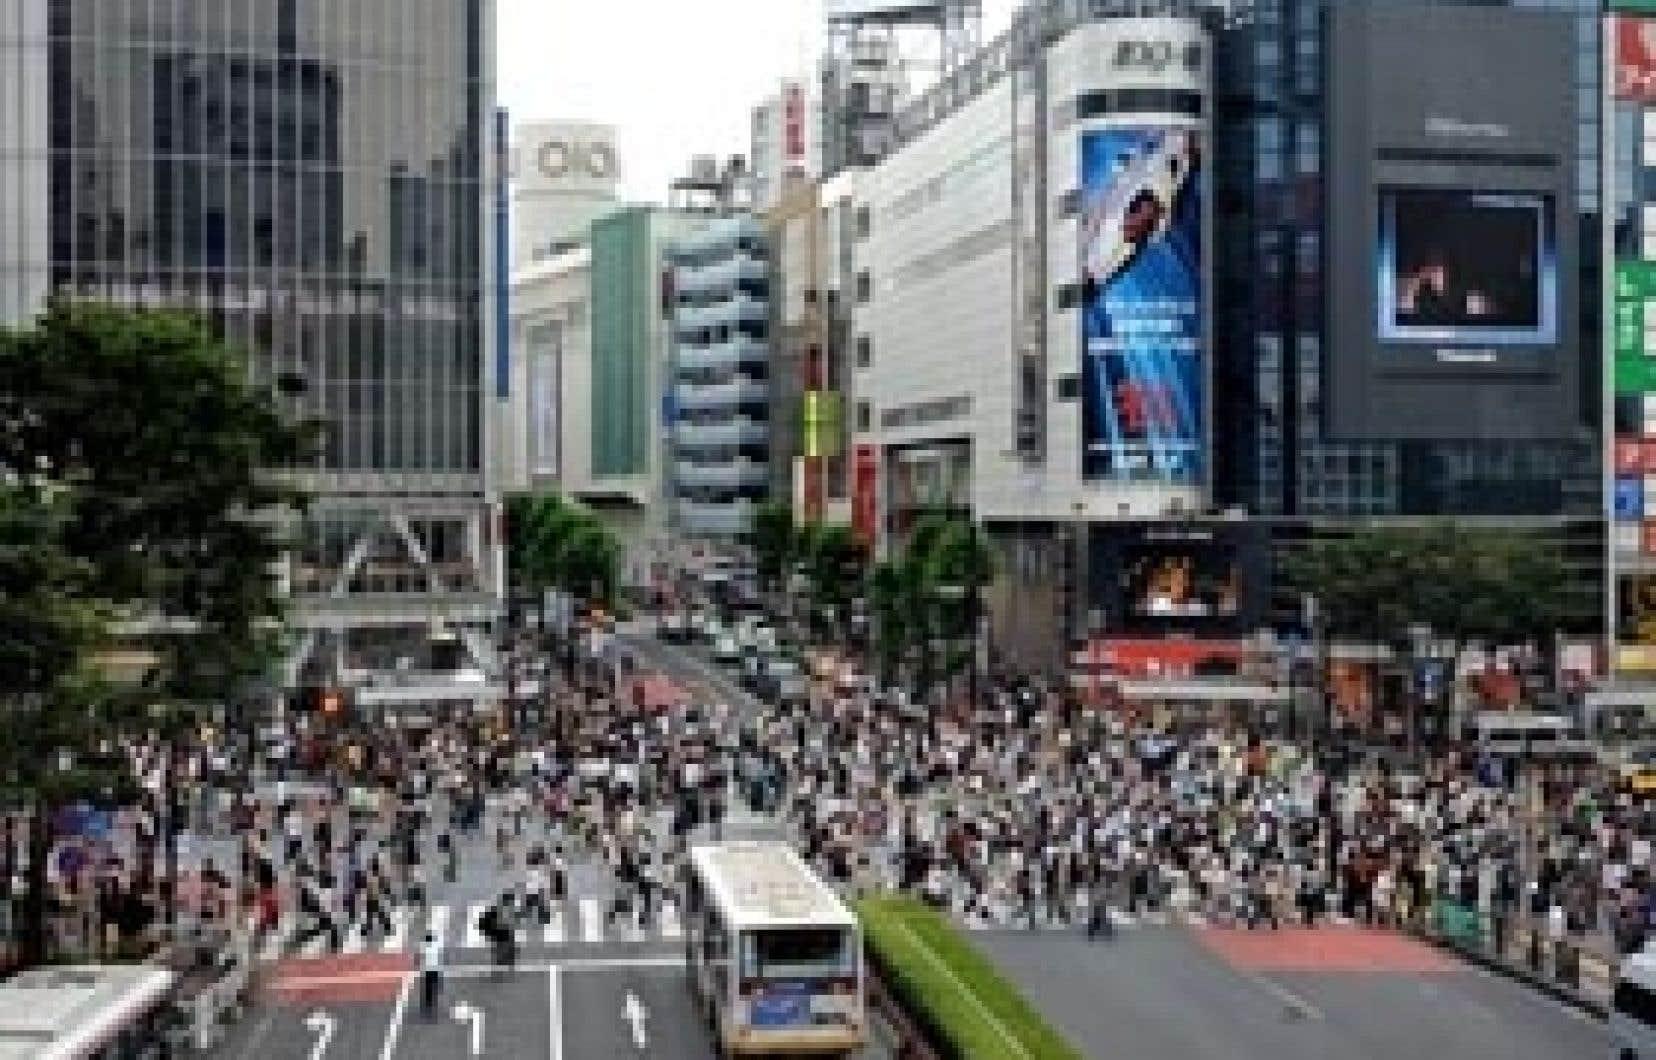 L'expérience de l'Université de Shibuya, un des quartiers populeux de Tokyo, a été reprise dans plusieurs villes du Japon et dans d'autres pays.